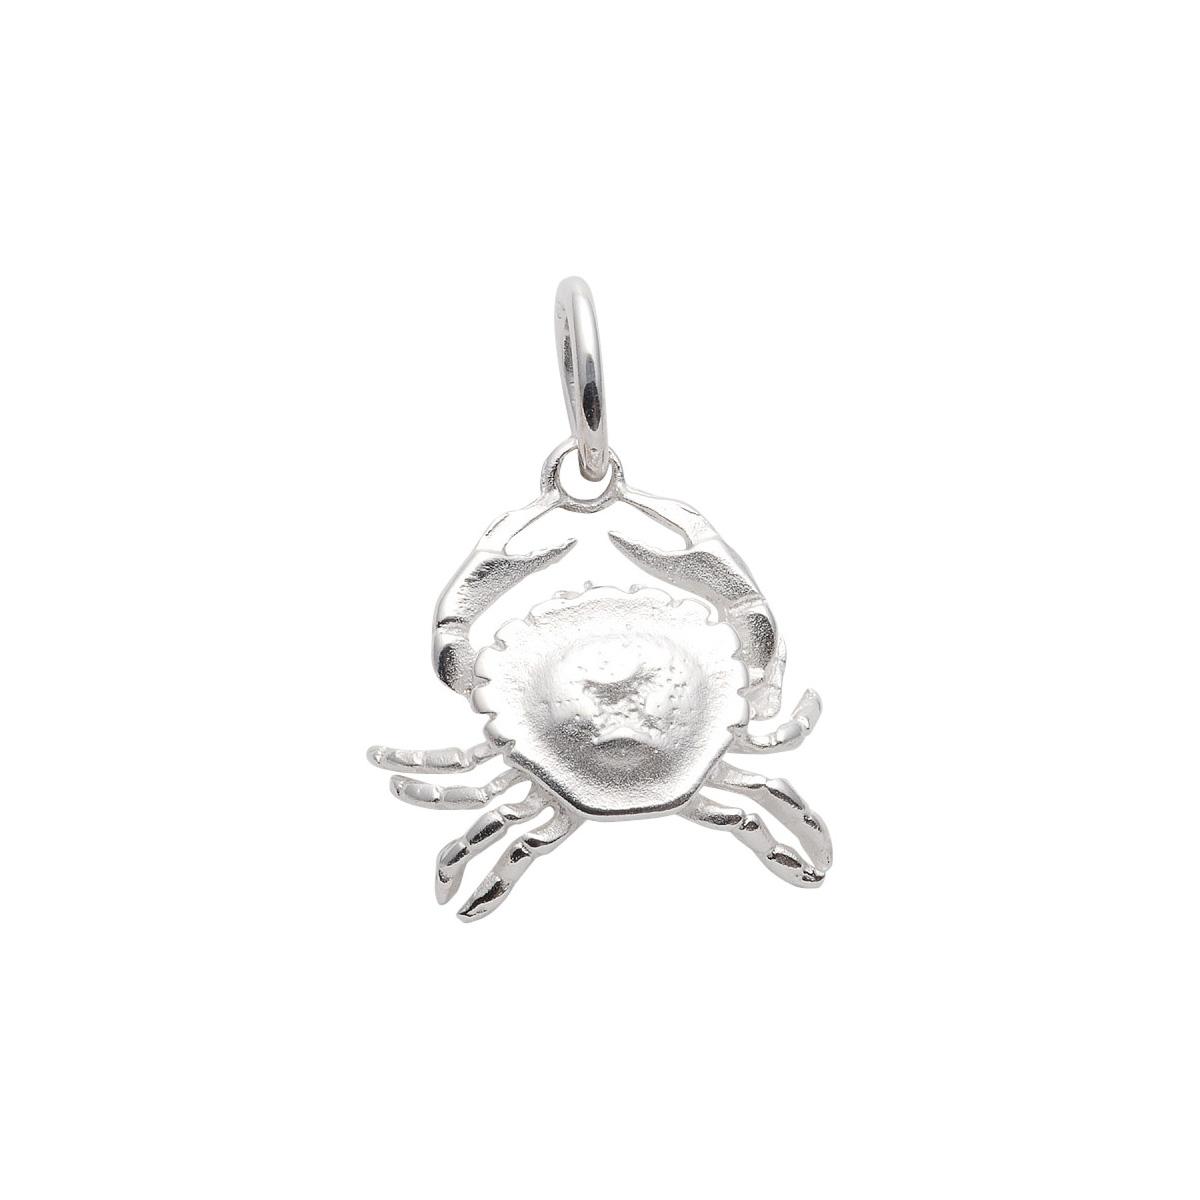 97-Sølv Krebs vedhæng med stjernetegnet krebsen. Sterling Sølv vedhæng til salg